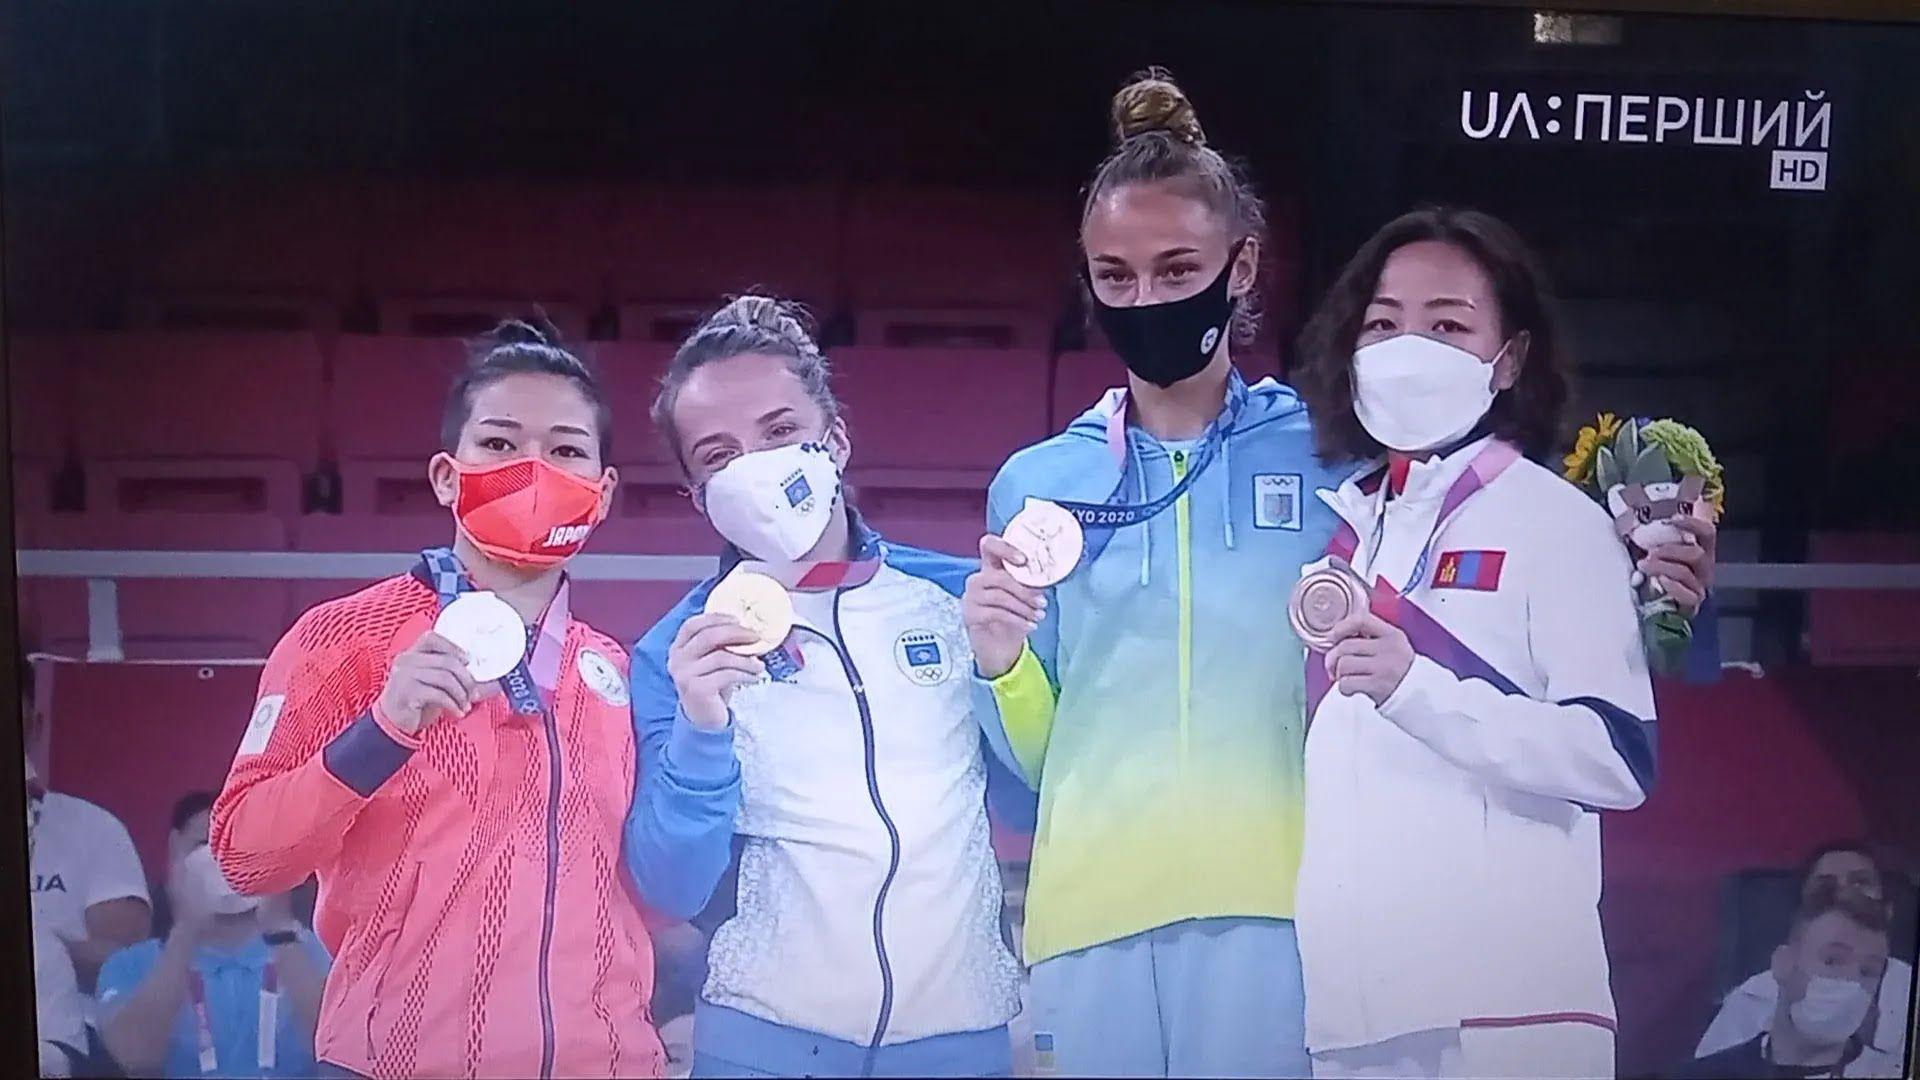 Дарина Білодід з іншими медалістами